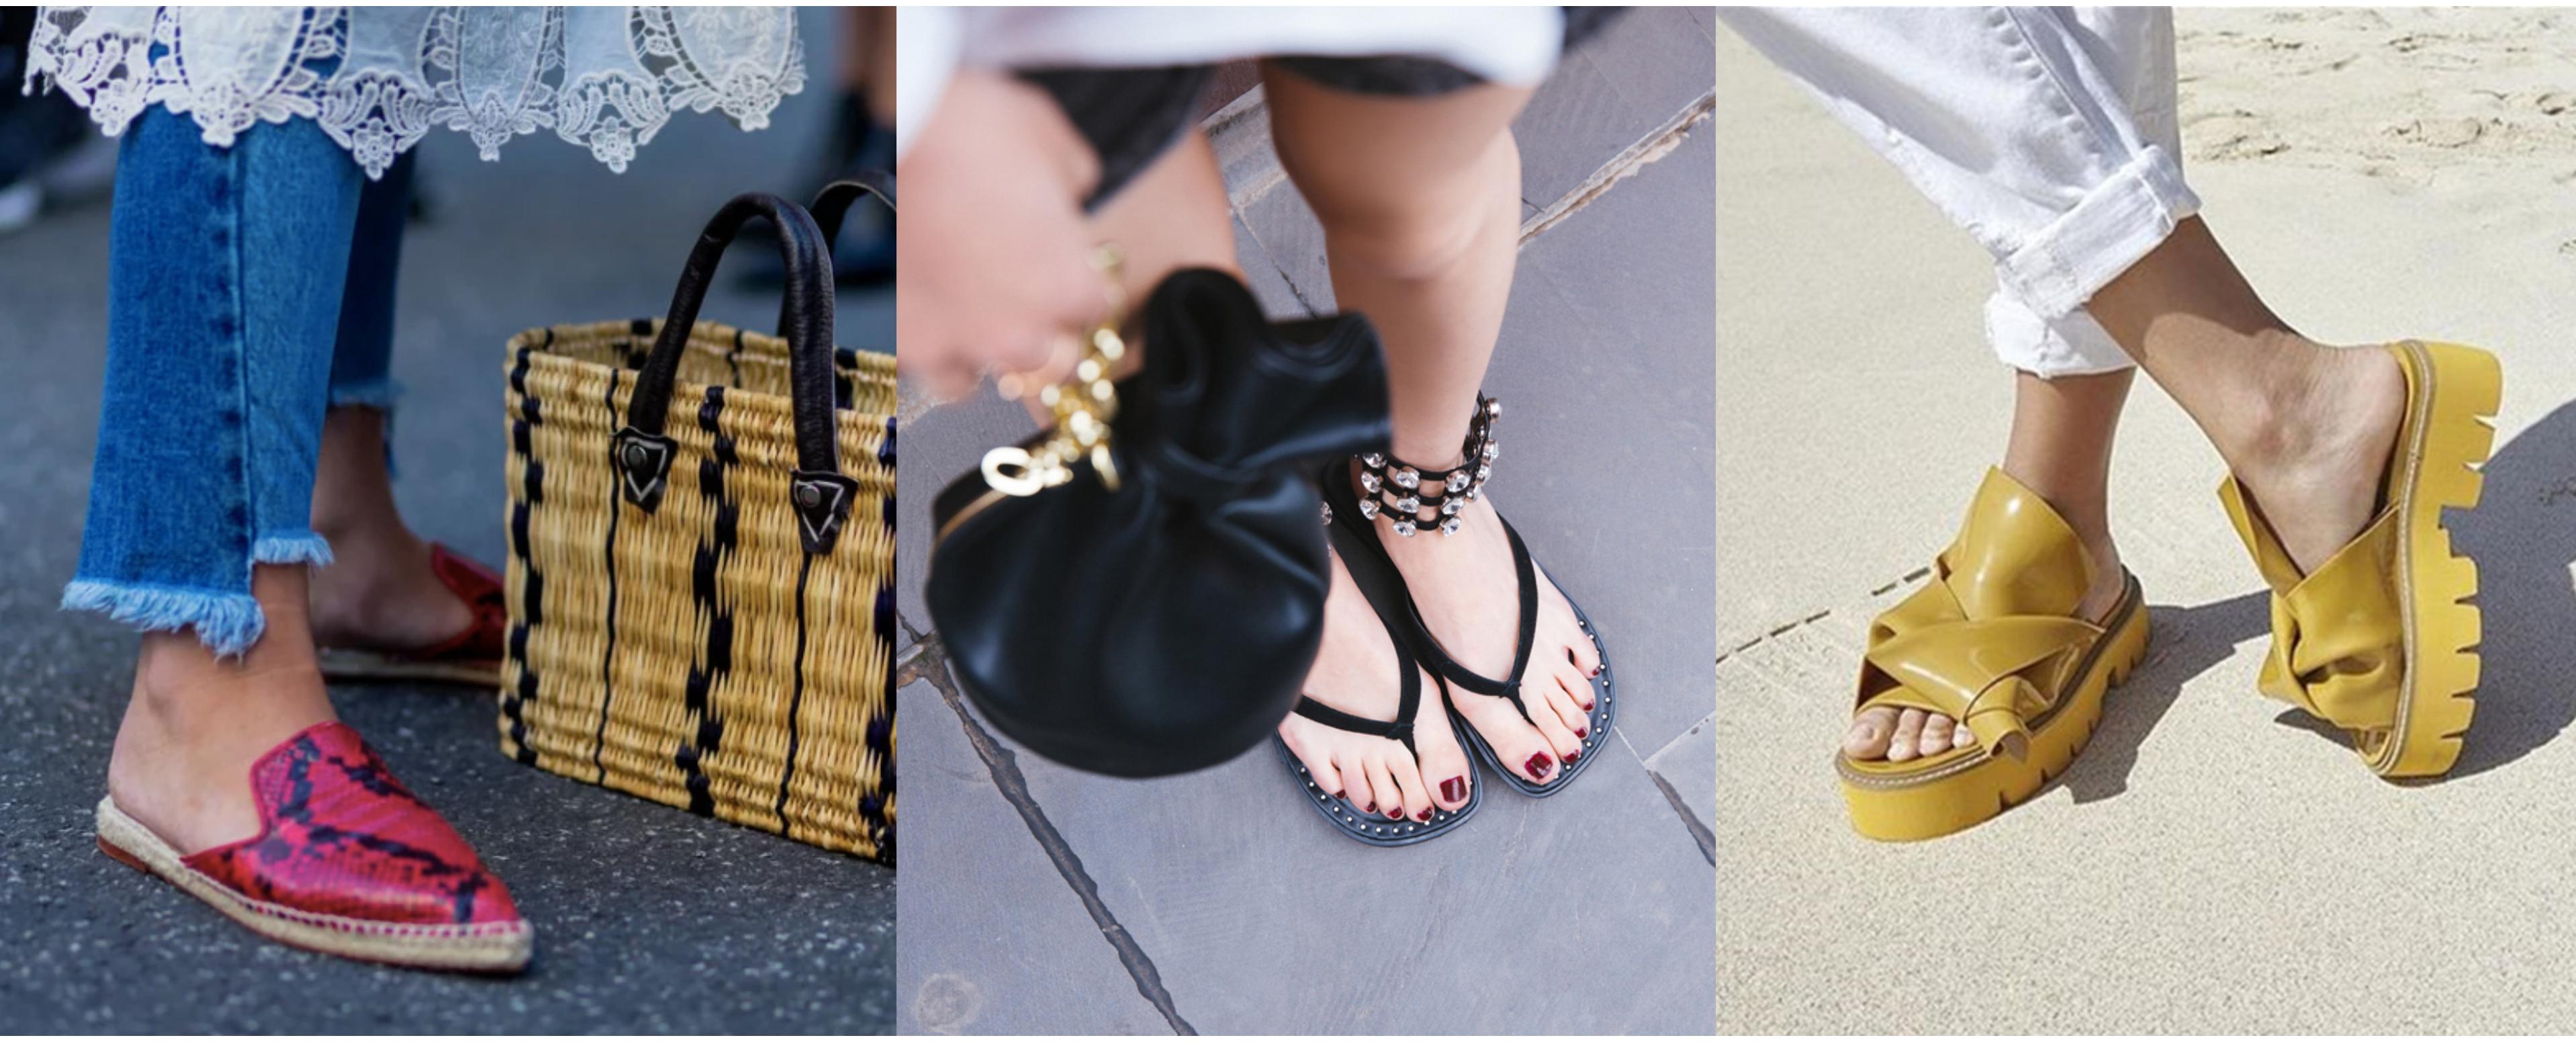 Aj počas leta nastanú príležitosti, ktoré si vyžadujú elegantnejšiu či konzervatívnejšiu obuv. Preto by sandále mali tvoriť základ vašej letnej výbavy. Sú vhodné do práce, na prechádzku a pokojne aj na večerné akcie. Toto leto sa budú nosiť modely s hrubším opätkom a výraznejších farieb.